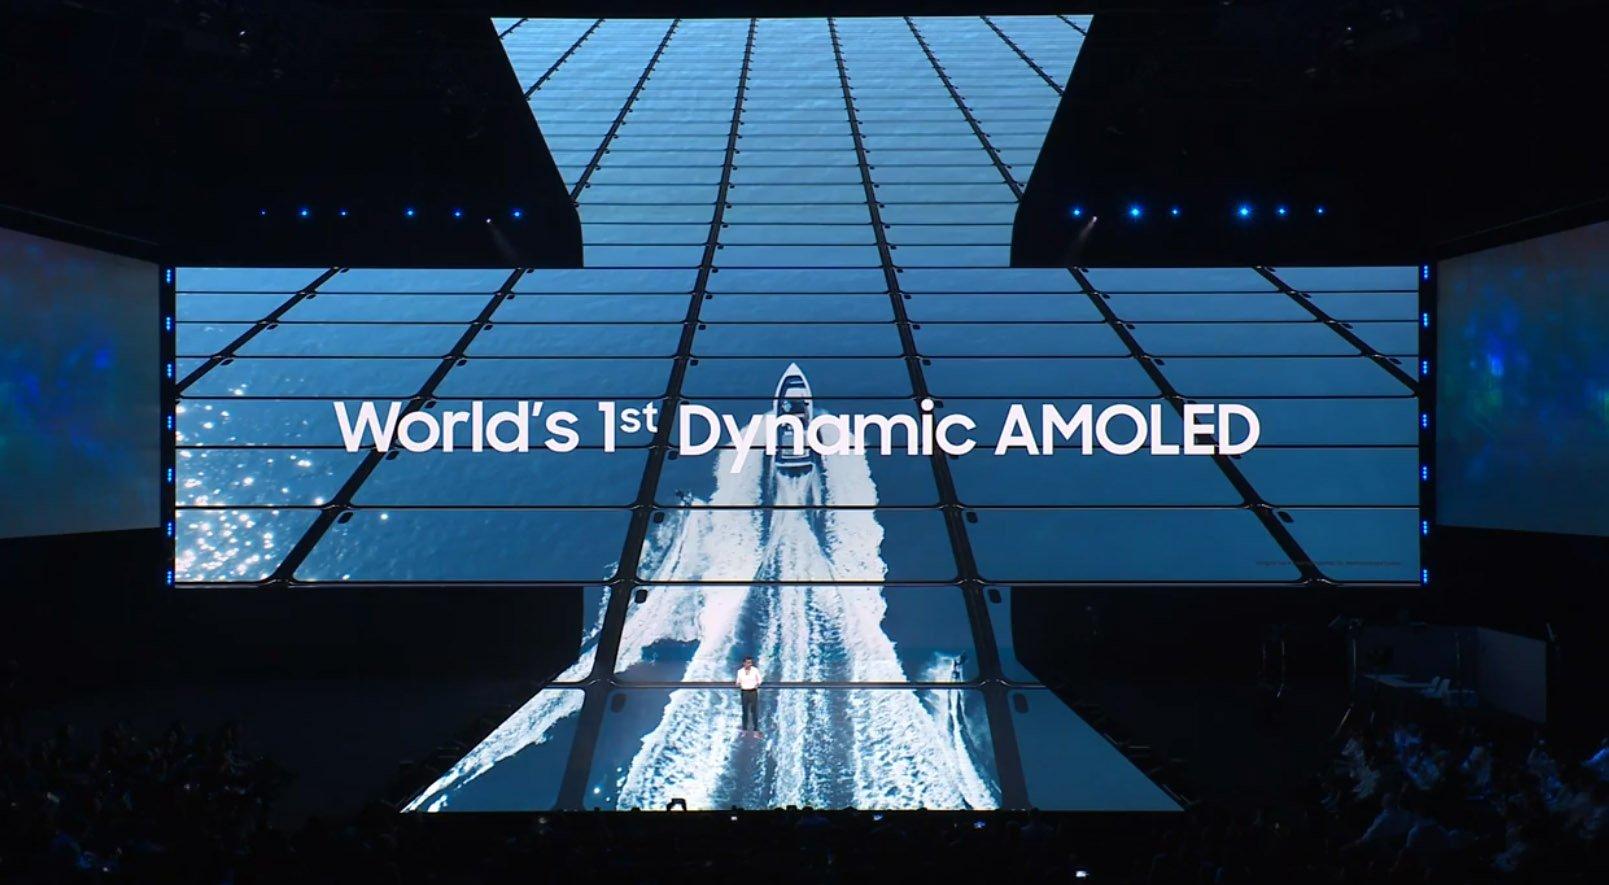 Galaxy S10 Dynamic Amoled display